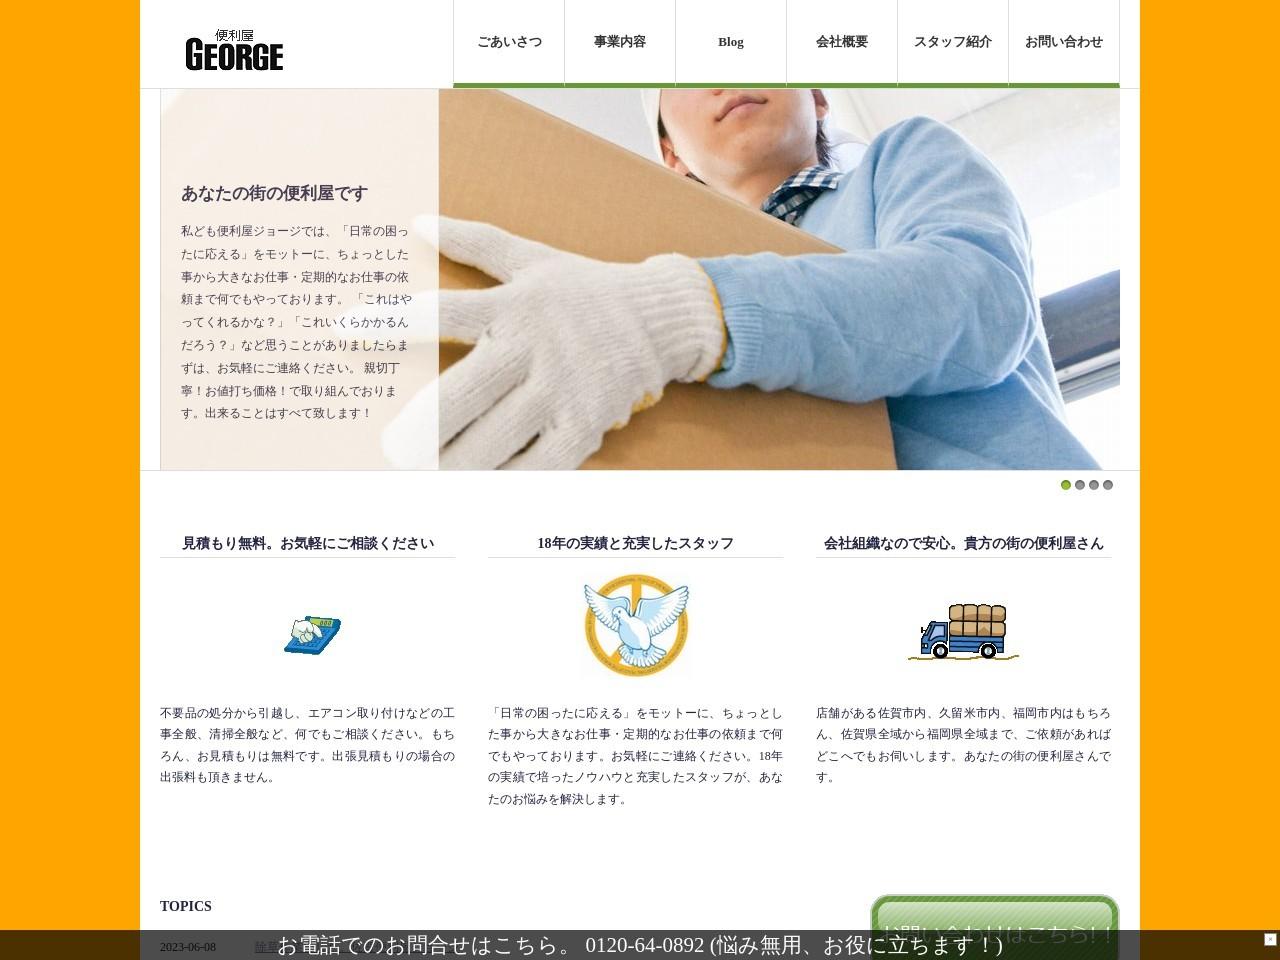 佐賀・久留米・福岡の便利屋 | 便利屋ジョージ 公式サイト